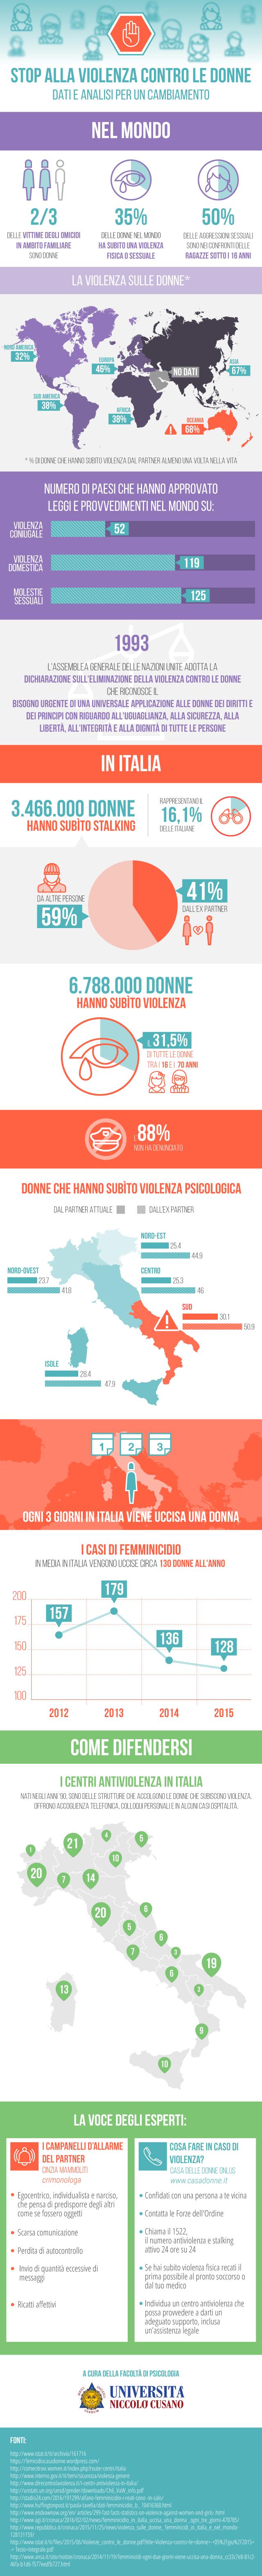 Femminicidio: tutti i numeri nell'infografica di Unicusano